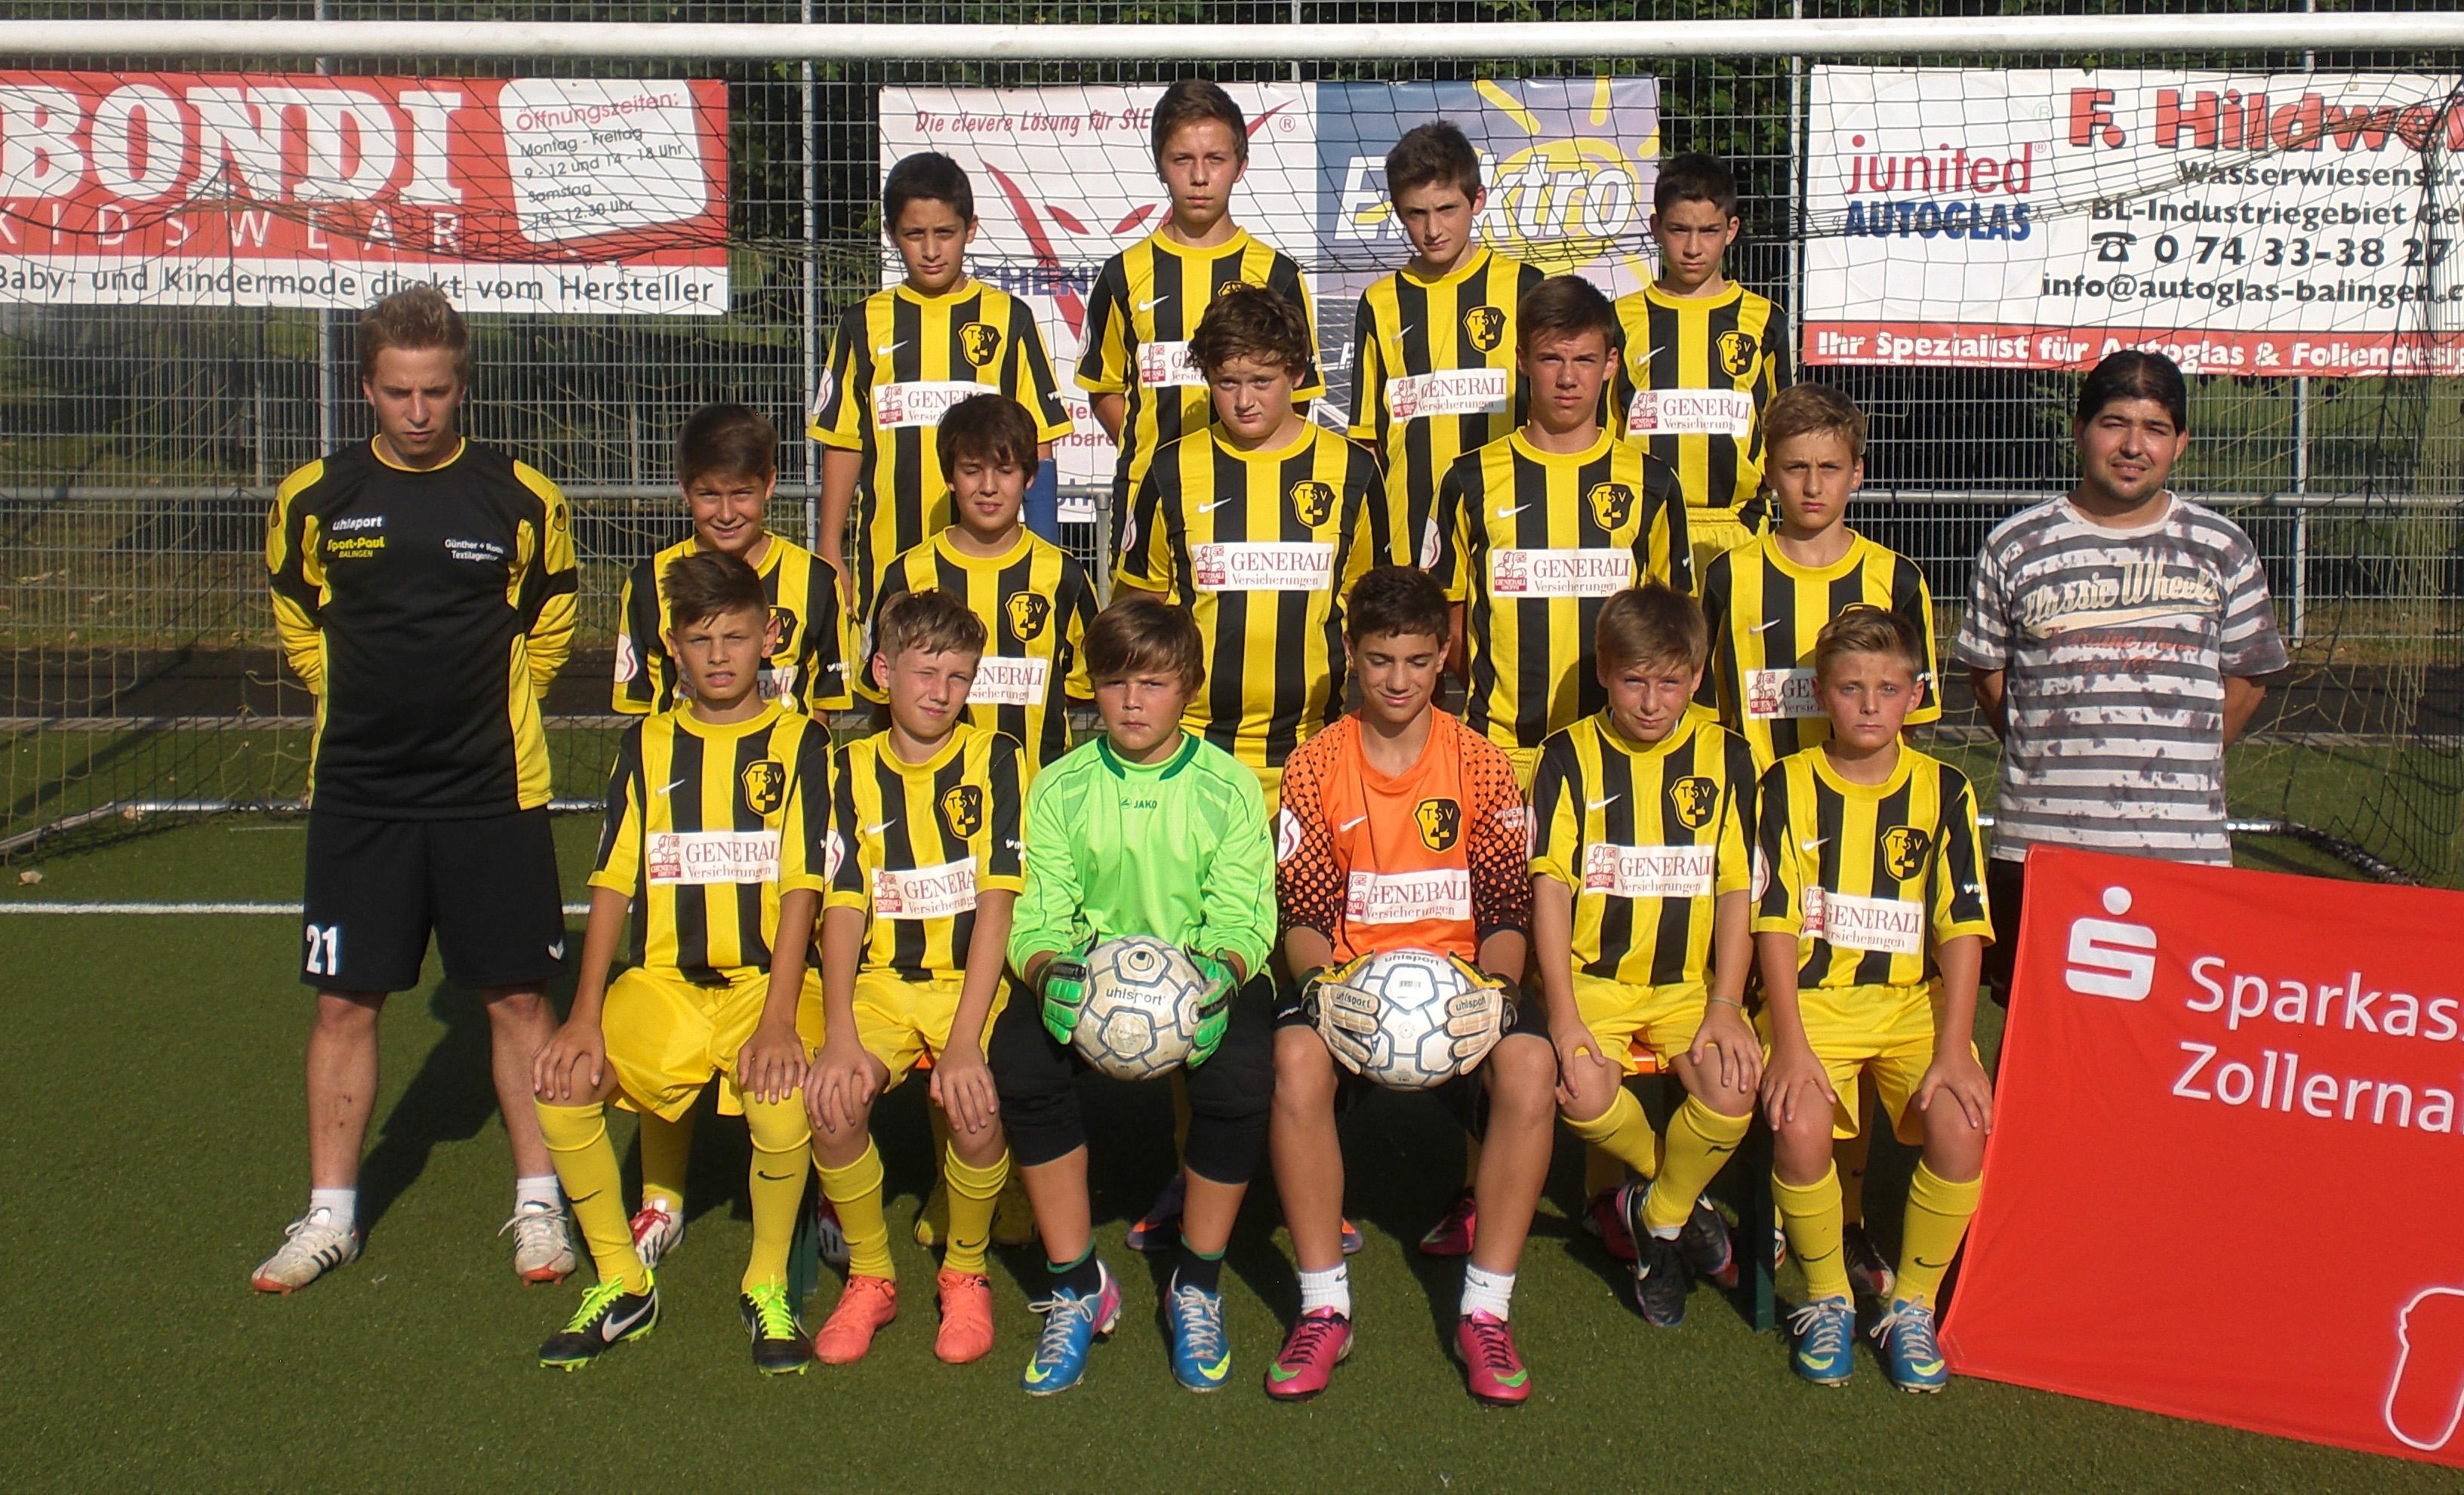 TSV Frommern C2-Junioren 2013-14